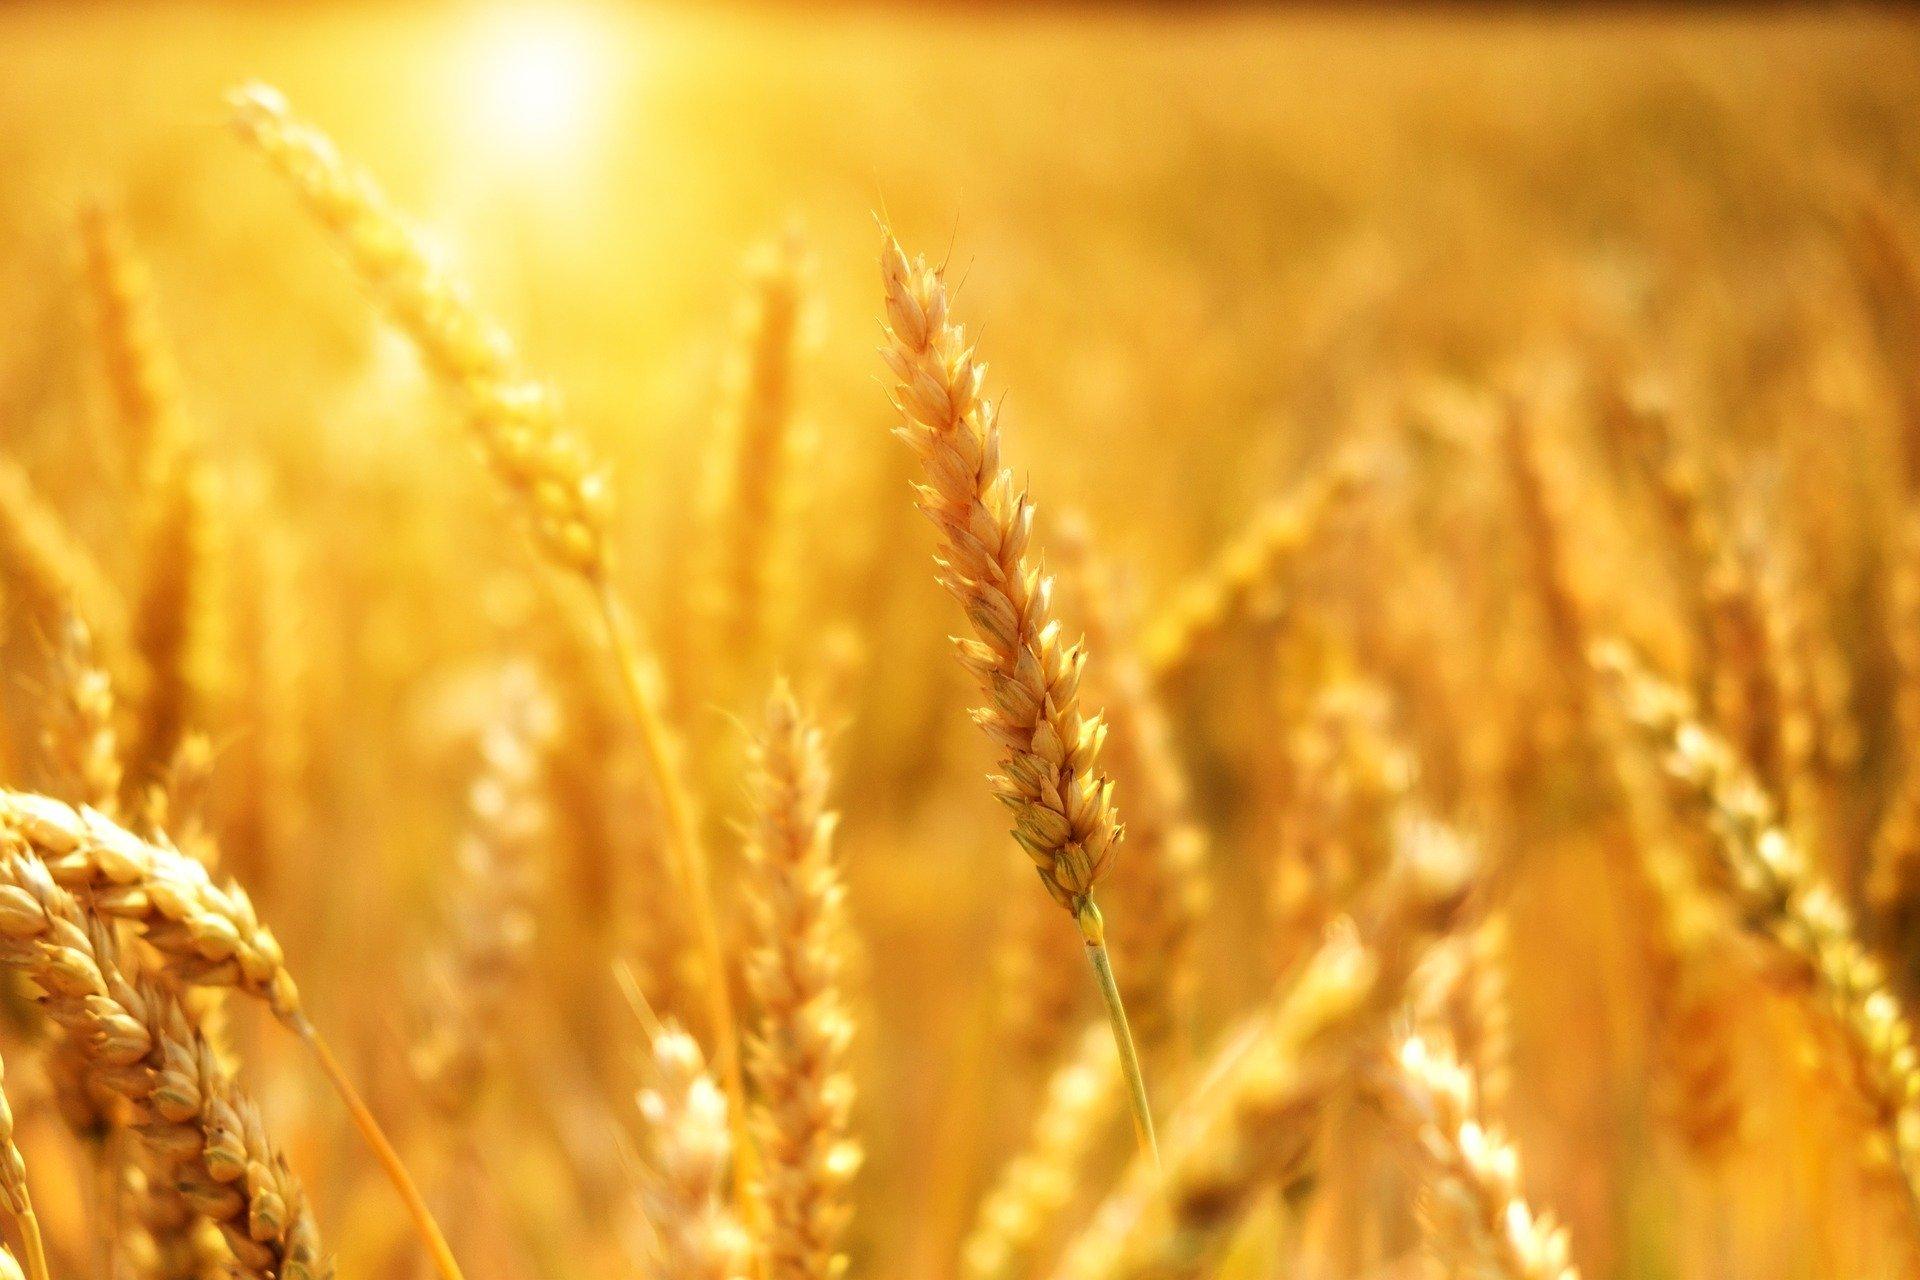 Todo empezó con estantes vacíos de trigo.